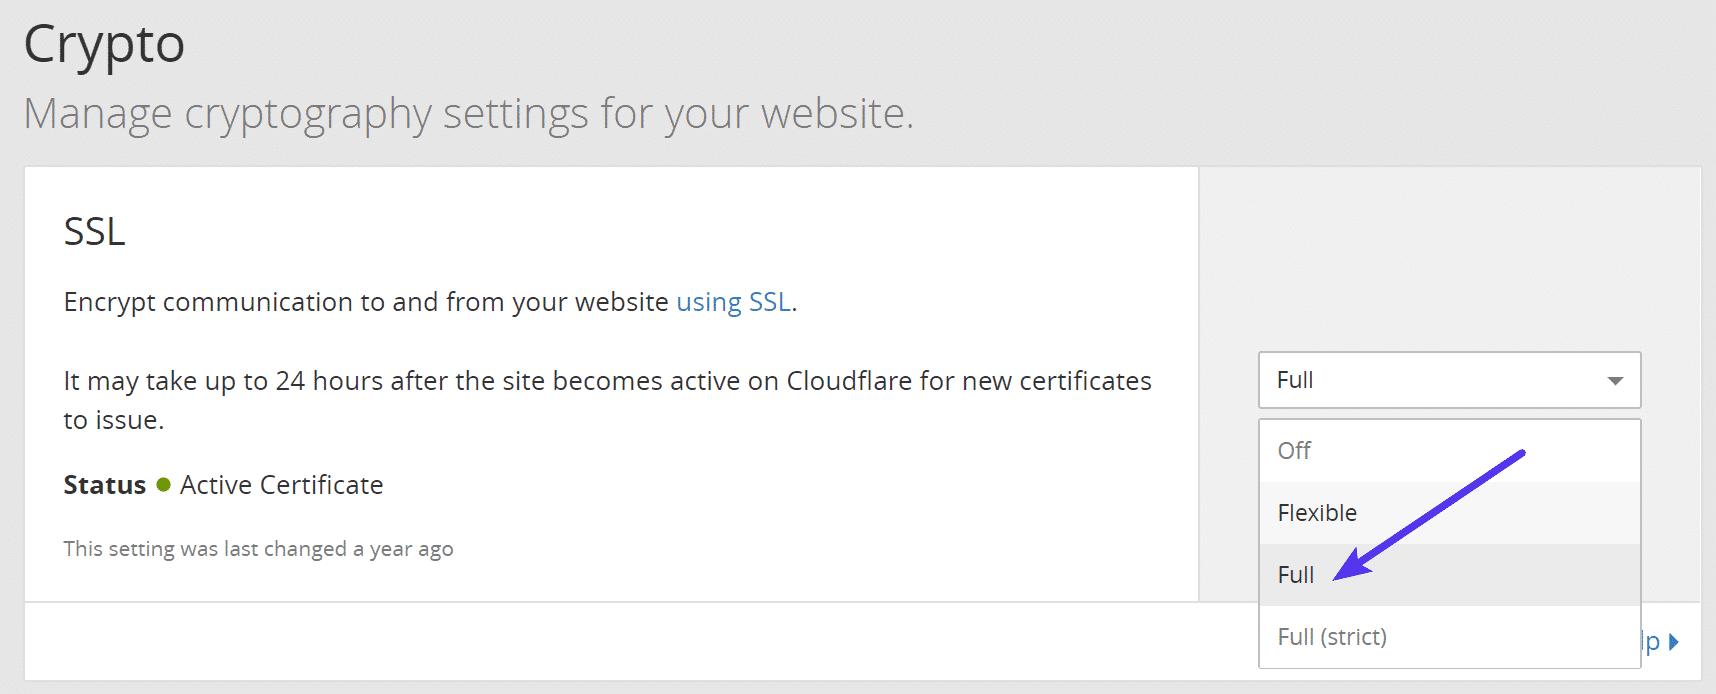 Zet het Cloudflare-crypto-niveau op Full